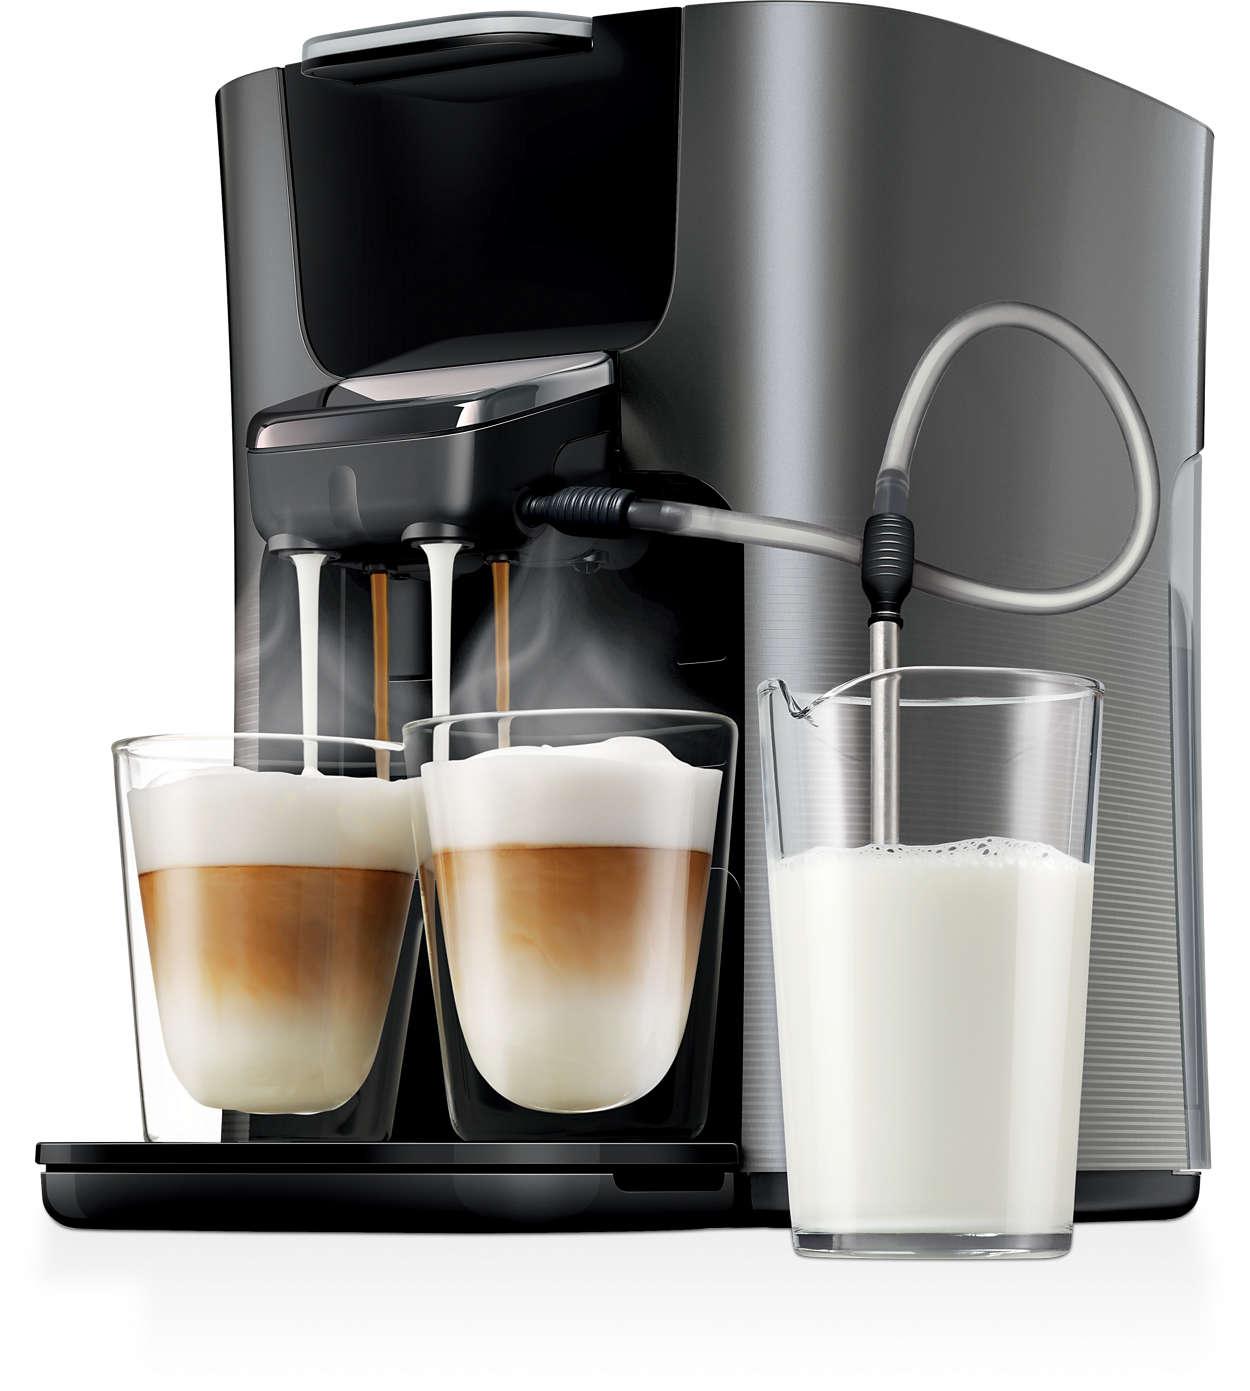 Endelig to kopper cappuccino på én gang lavet med frisk mælk!